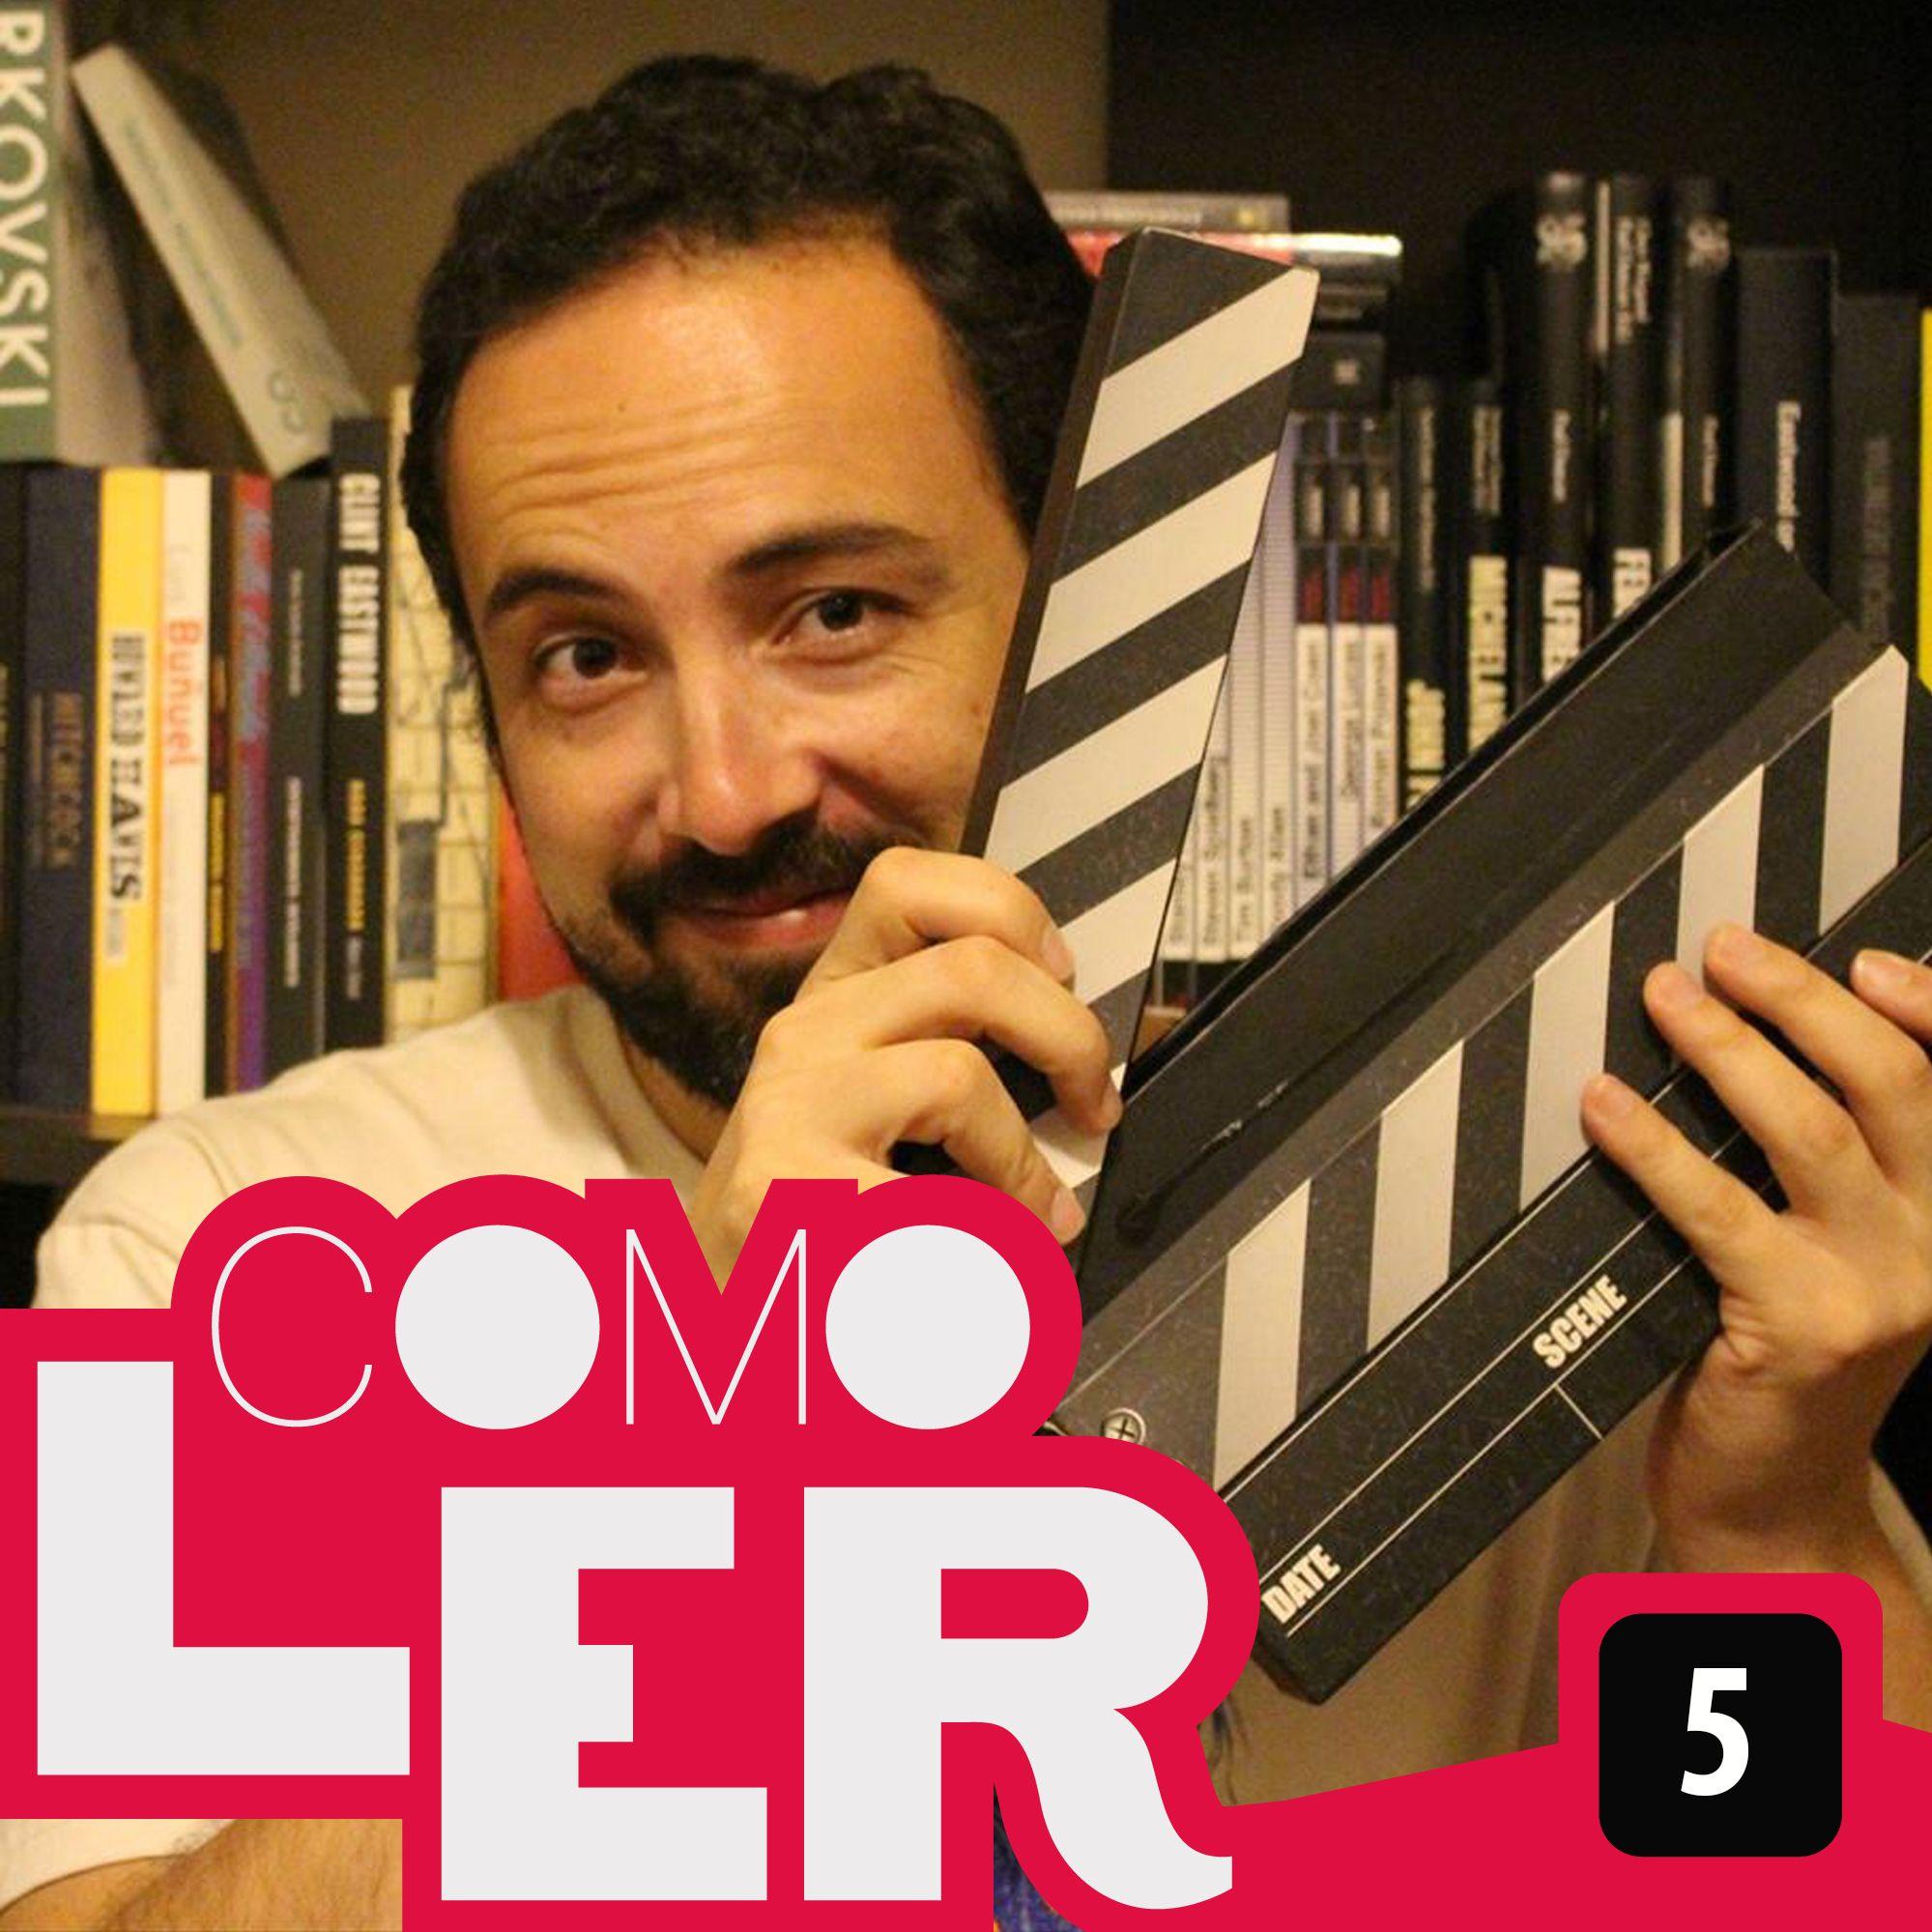 Como Ler #5 - Crítica de cinema - com Renato Silveira do Cinematório Café